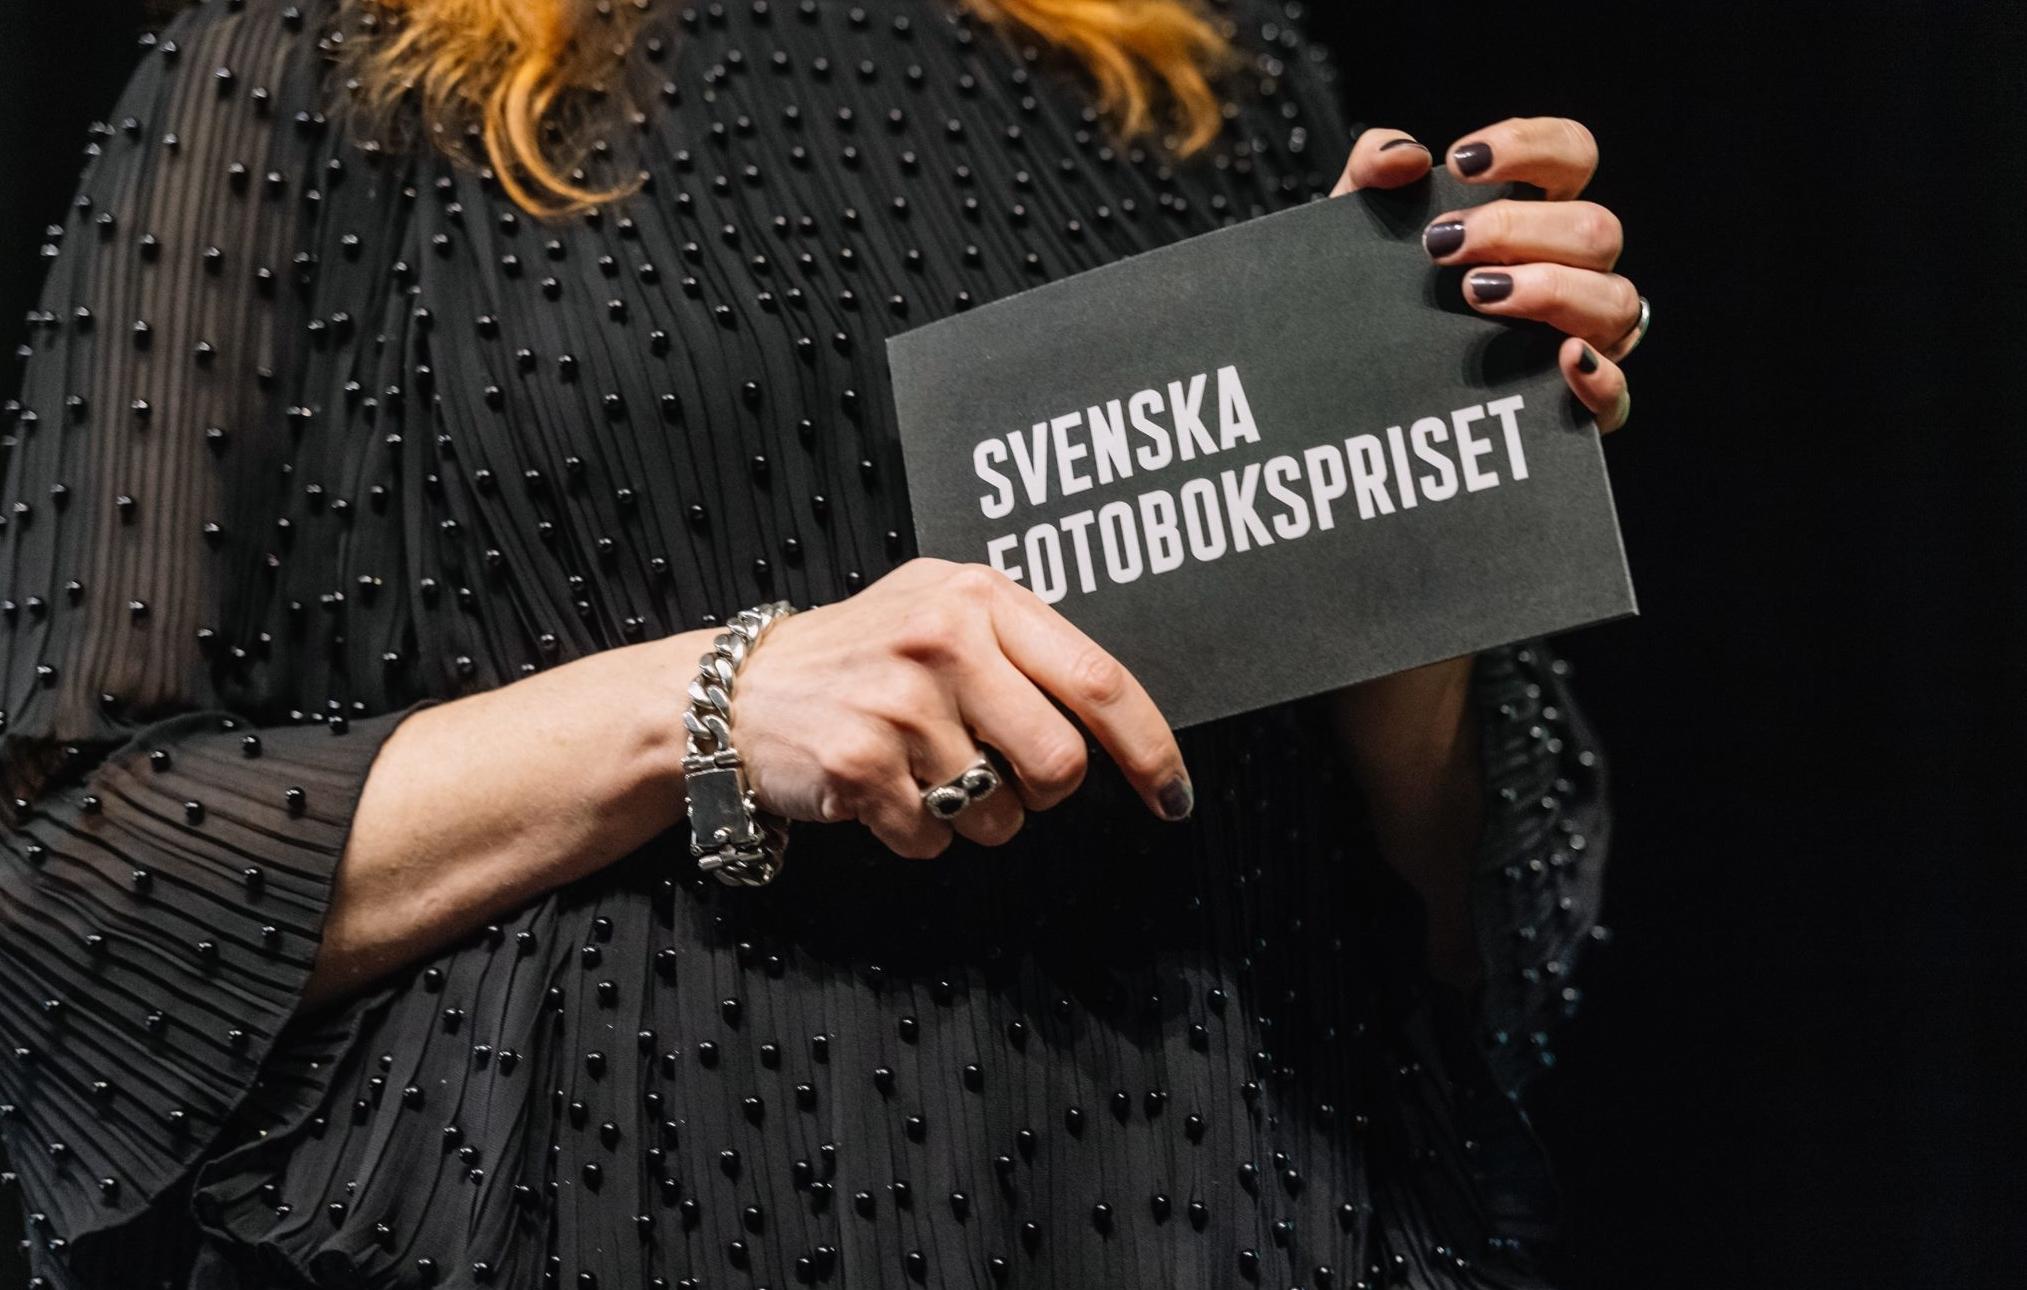 Lämna in bidrag till Svenska Fotobokspriset 2020! [ansökan]